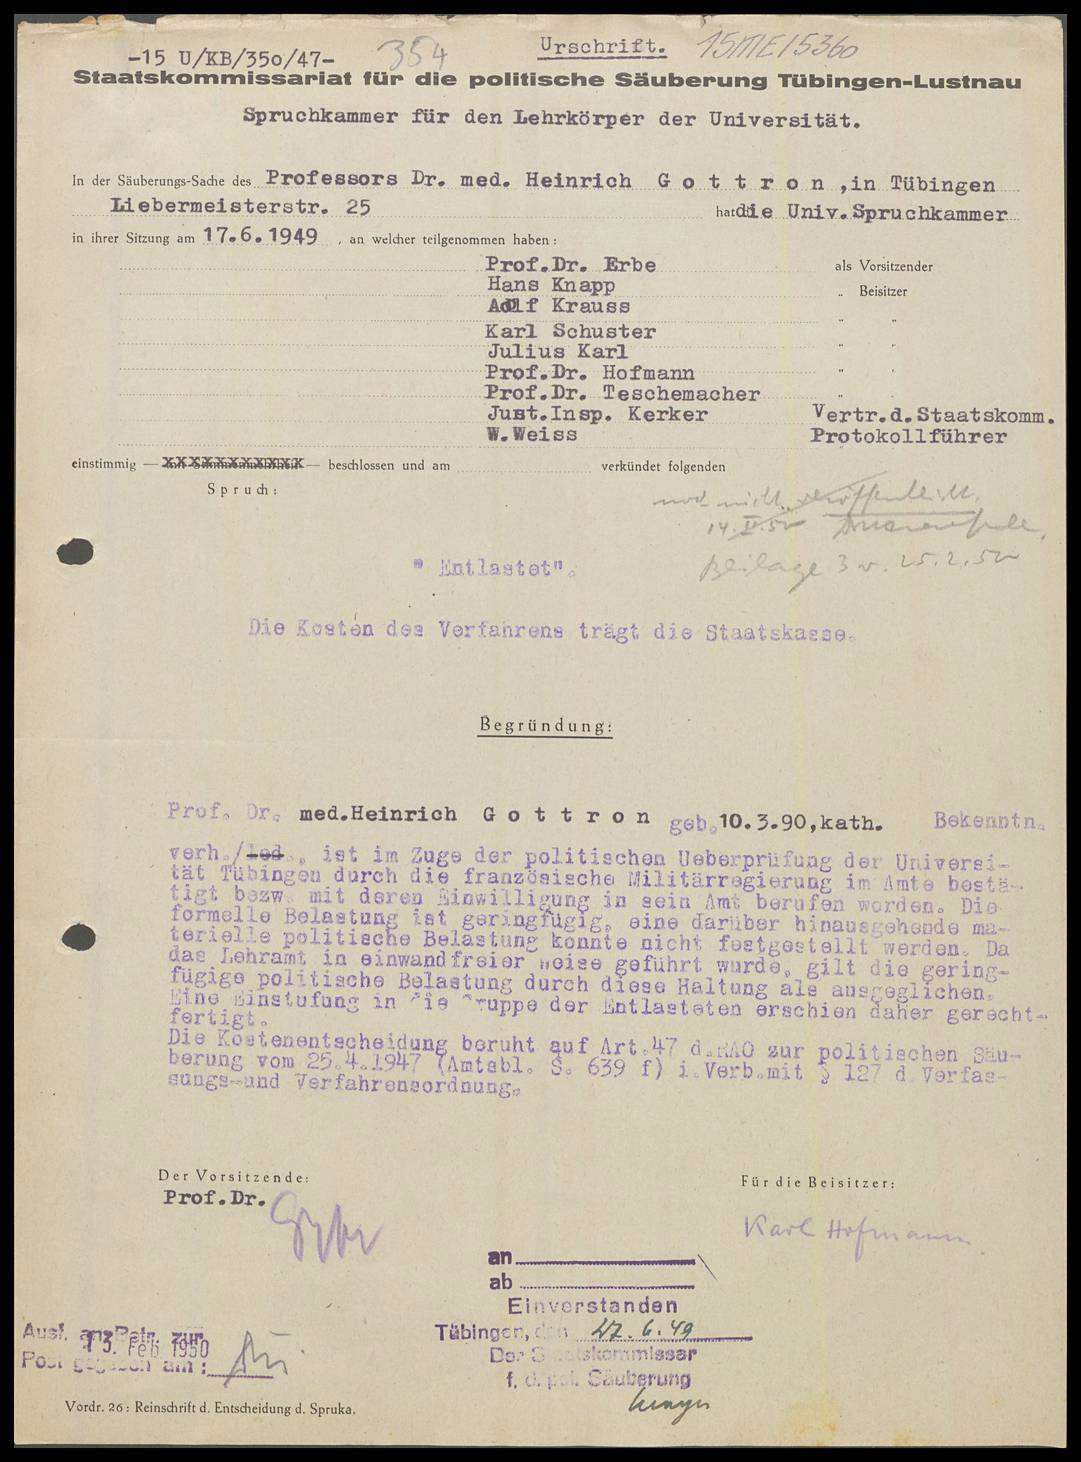 Gottron, Heinrich, Prof. Dr. med., Bild 1